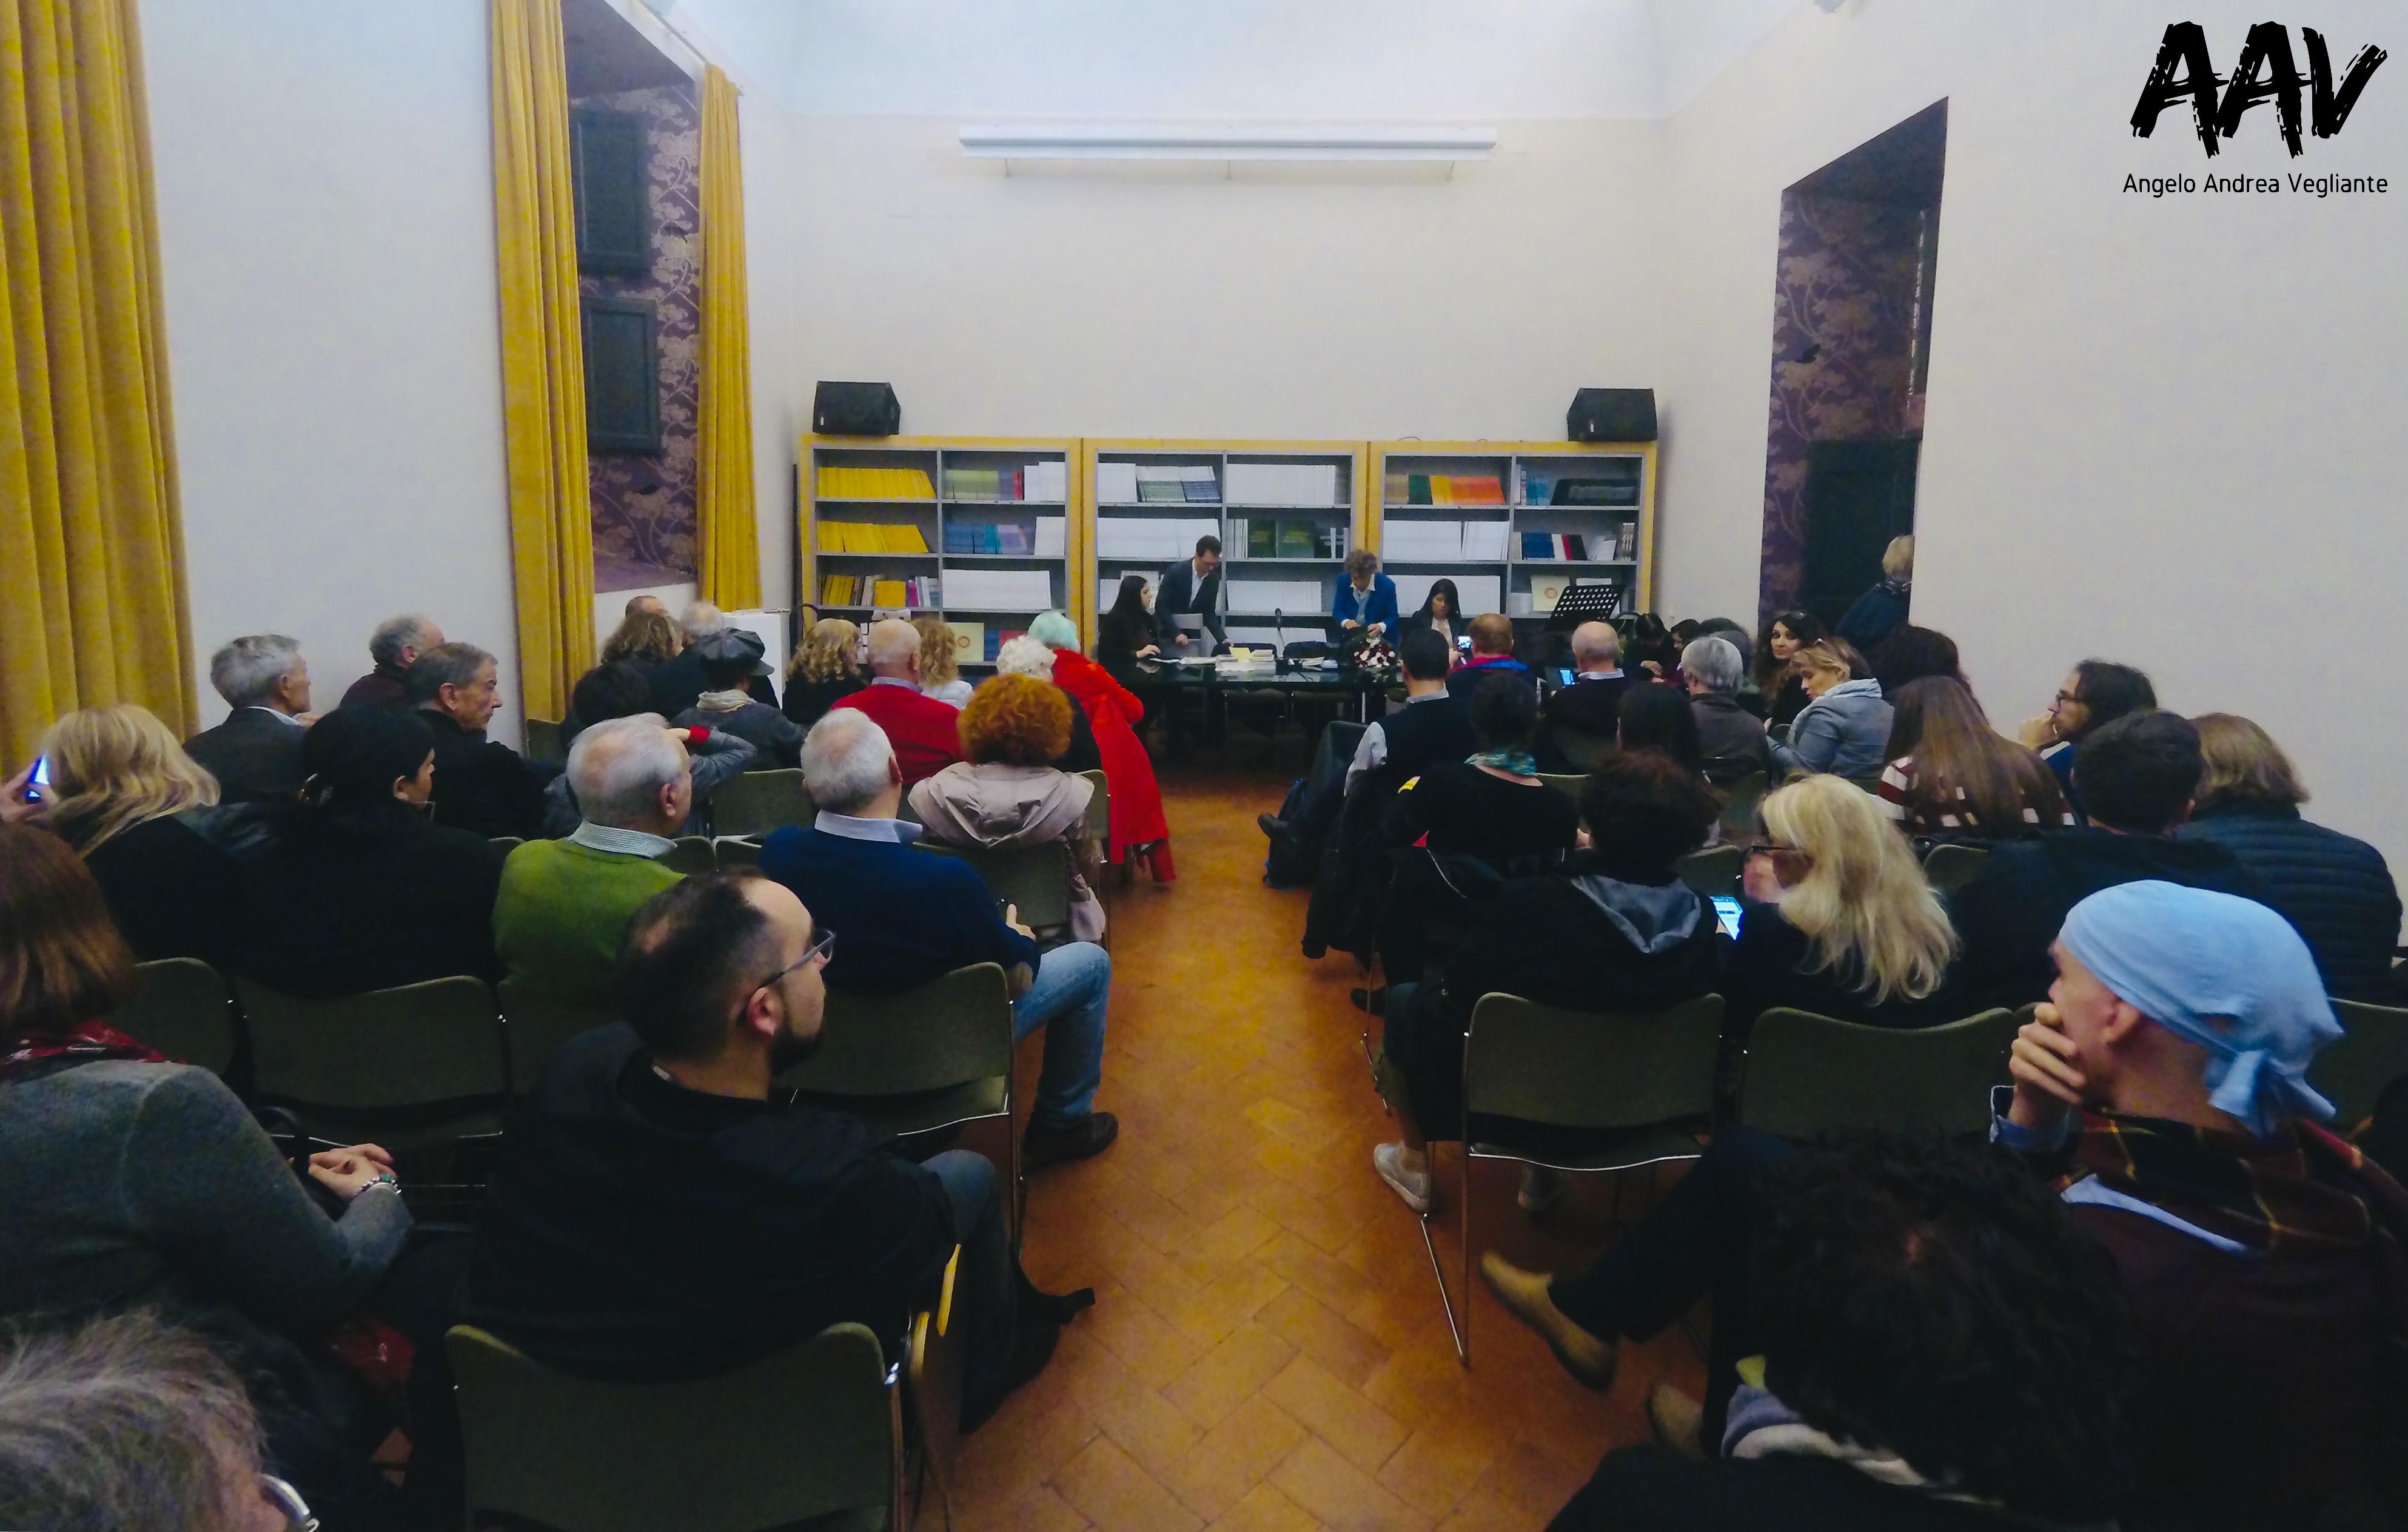 incontro-convegno-Dacia Maraini-Roma-angelo andrea vegliante-colui che veglia-colui che reporta-poesia-letteratura